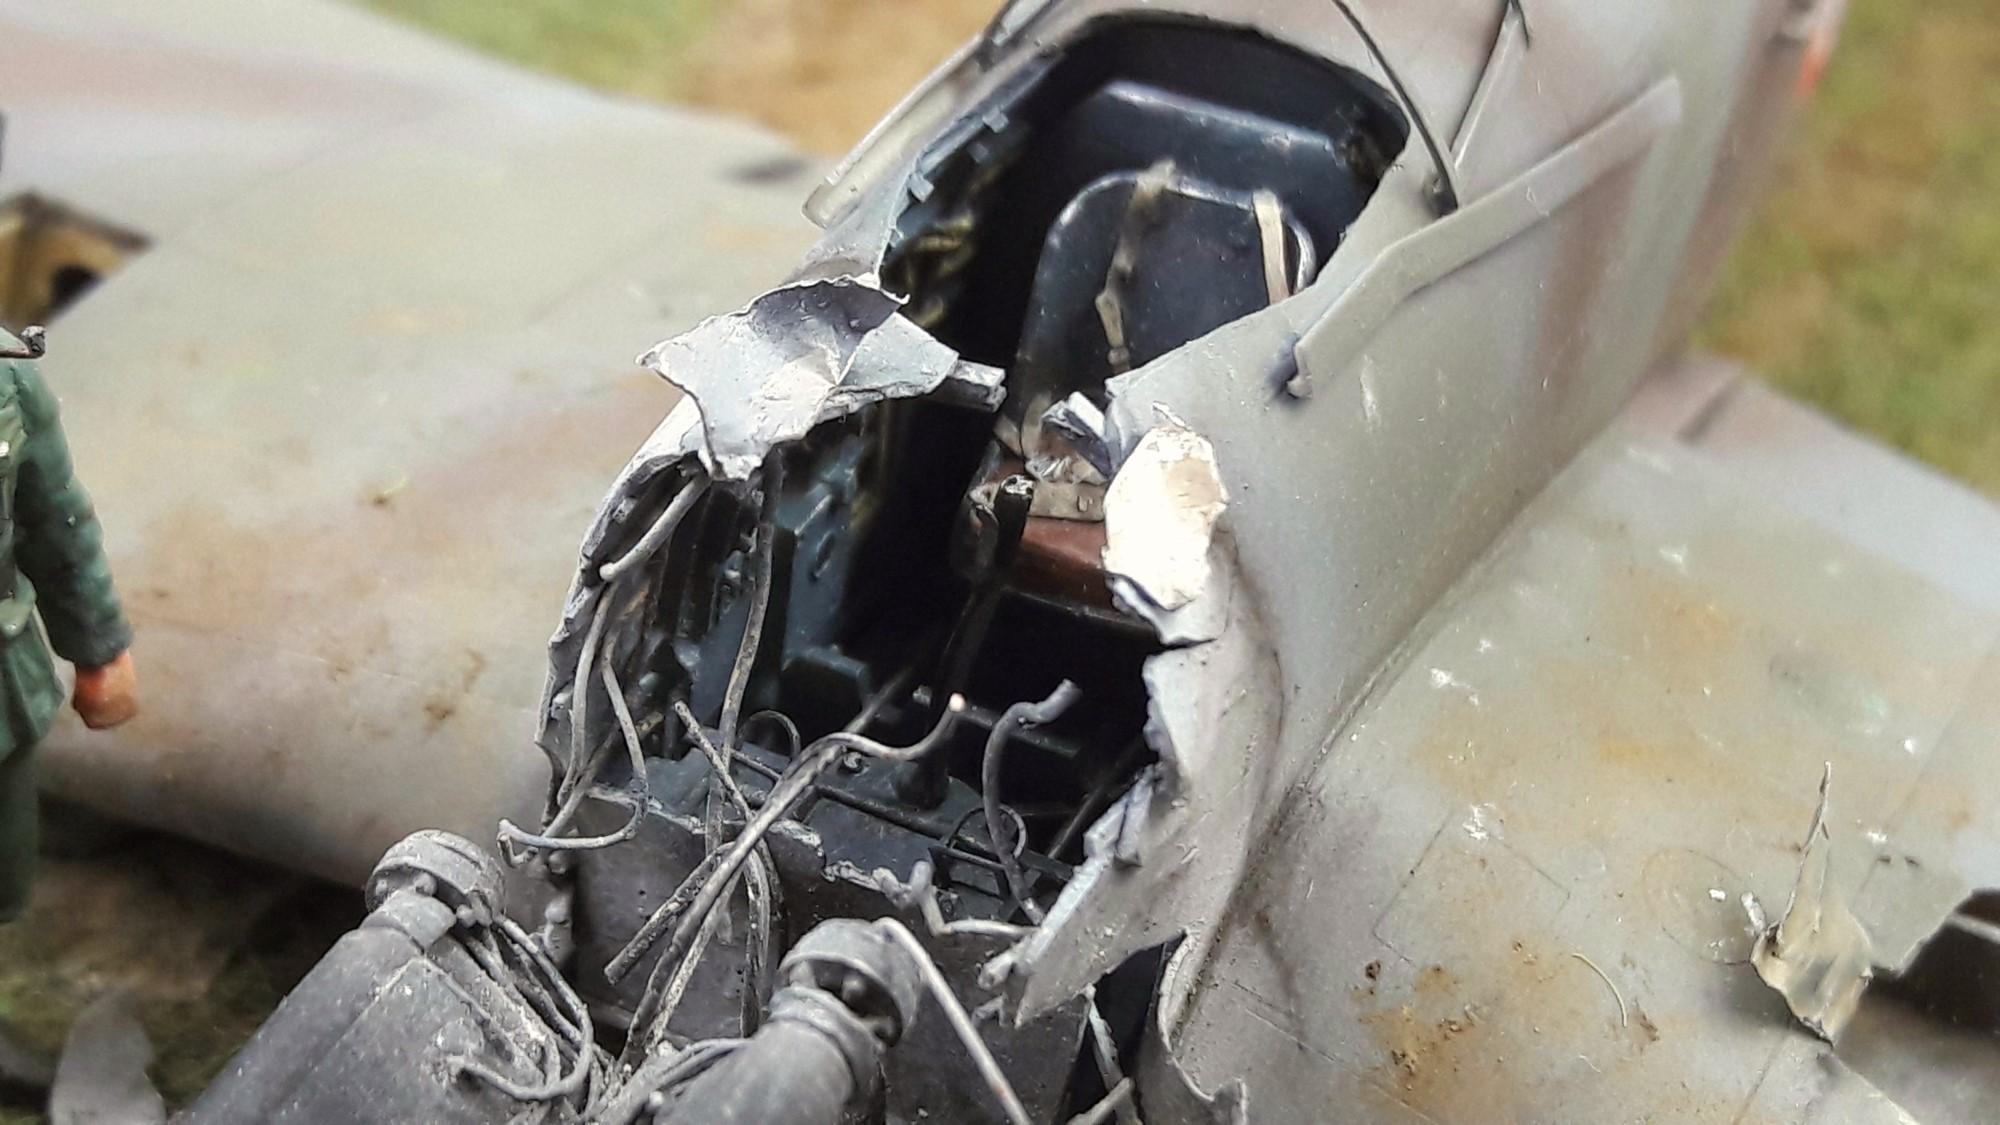 [Concours Aéronavale] Loire Nieuport 401/411 -  Special hobby 1/48 - crash à Villereau -le sacrifice des marins aviateurs du 19 mai 1940 - Mission Berlaimont  Image489